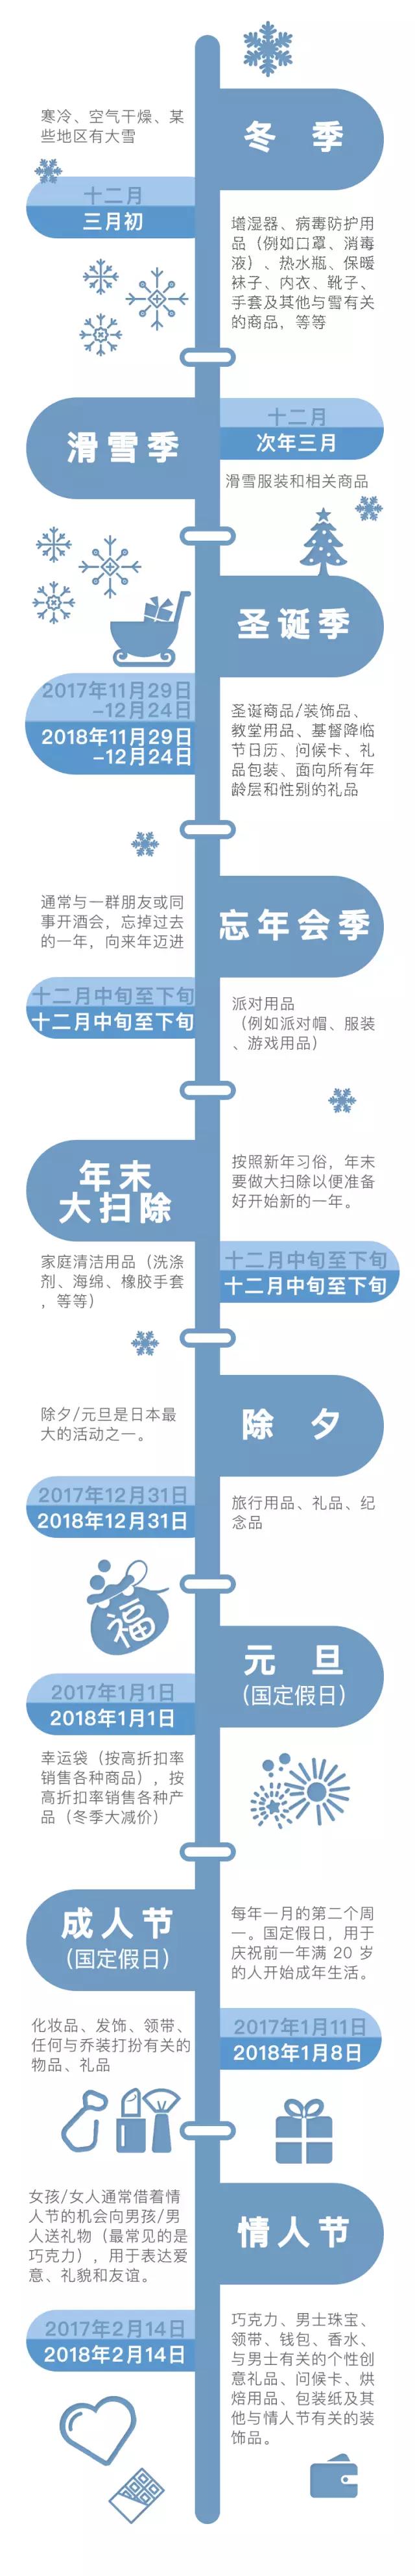 日本当地节日信息+亚马逊日本站选品推荐